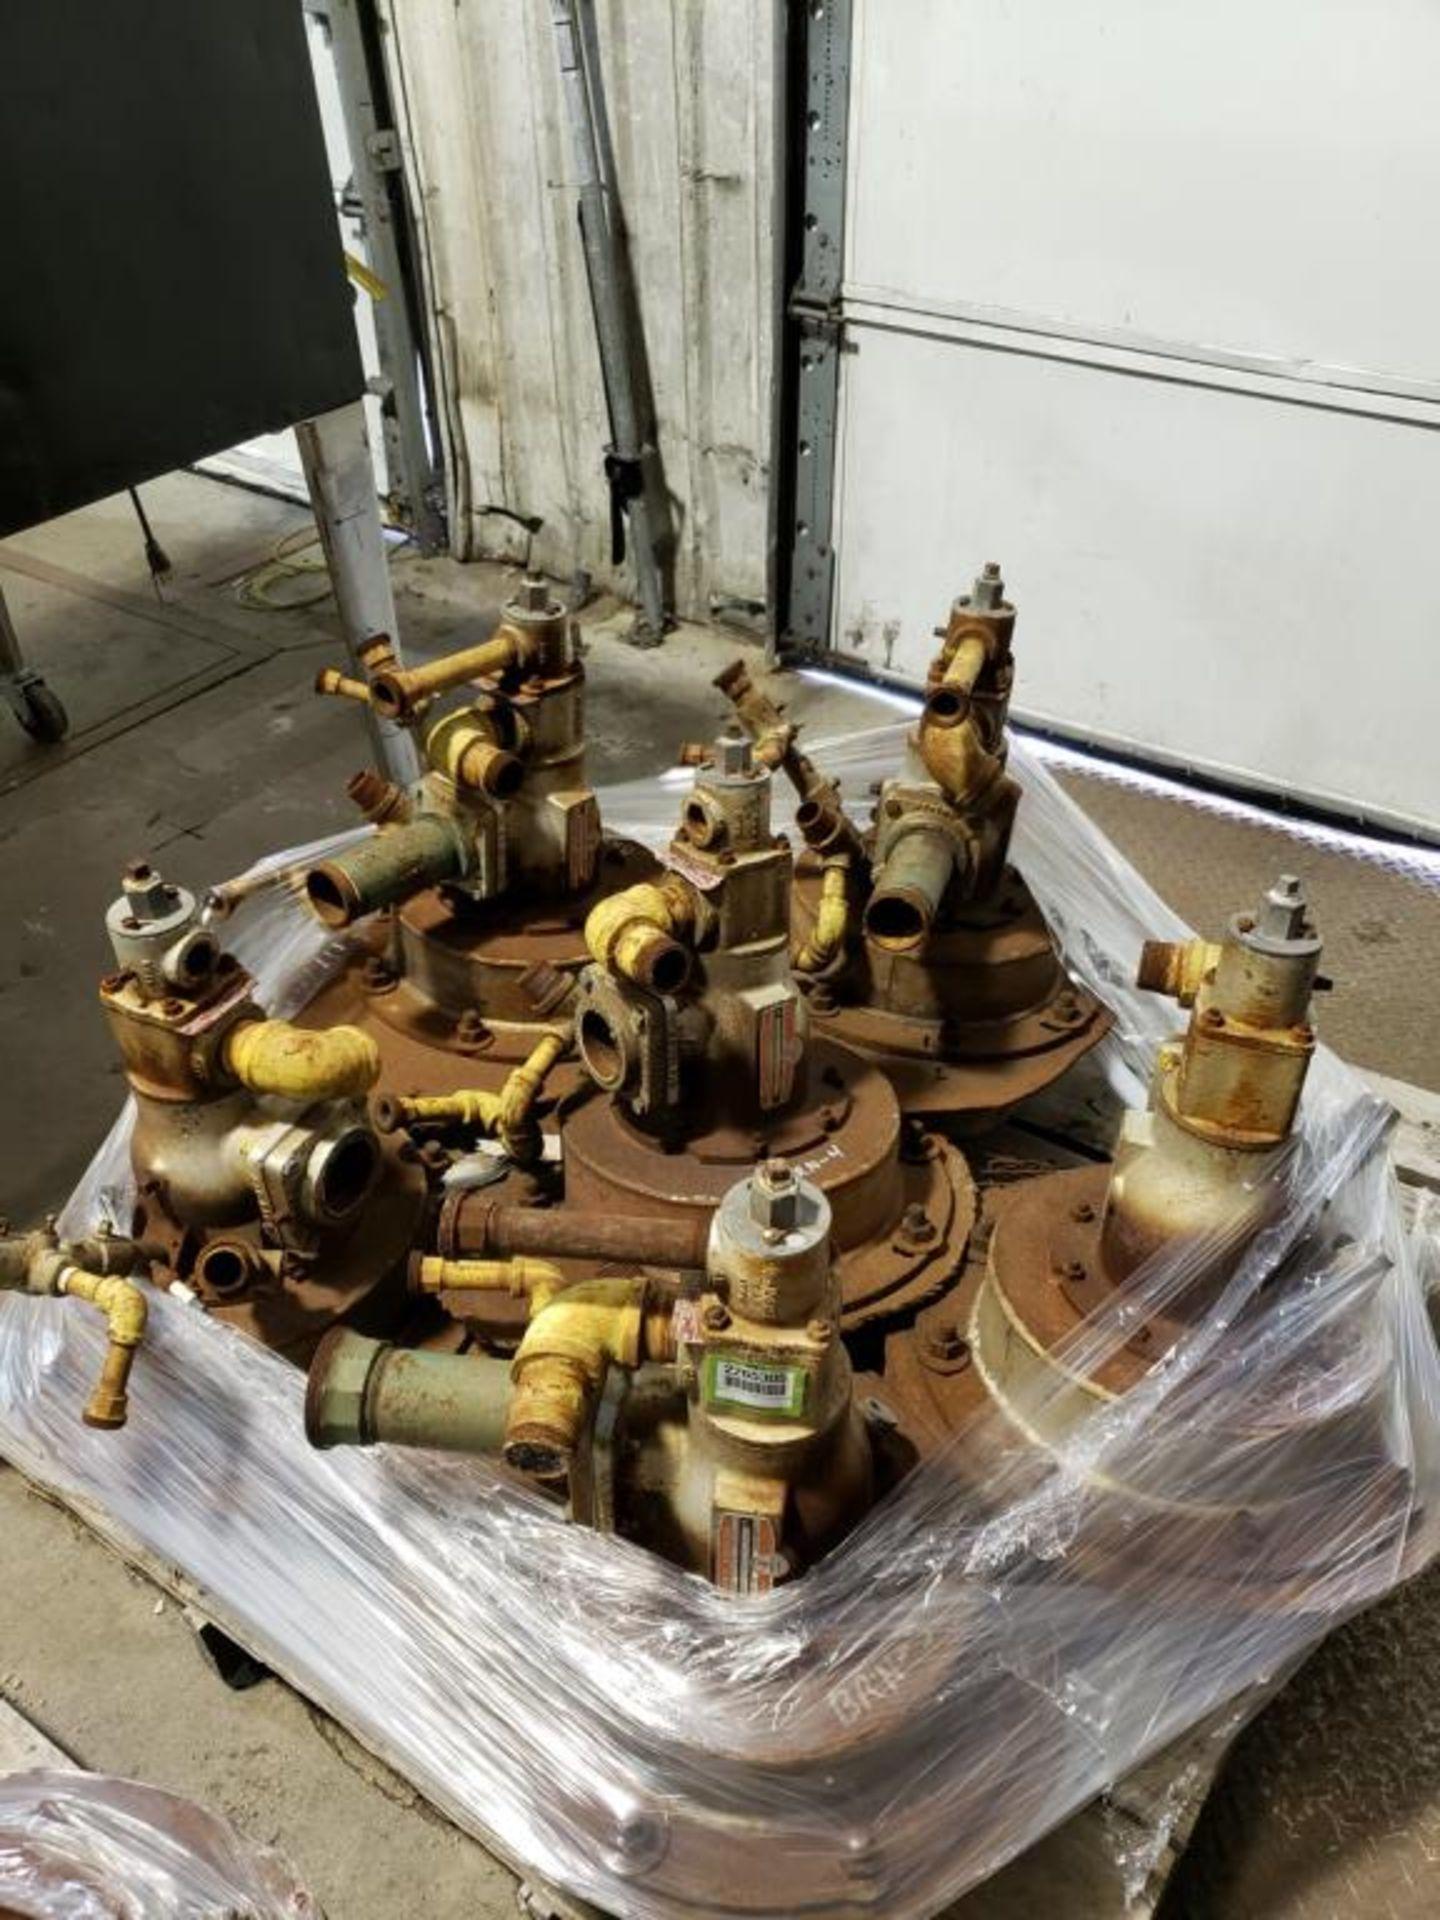 Lot 113 - Oven Burners